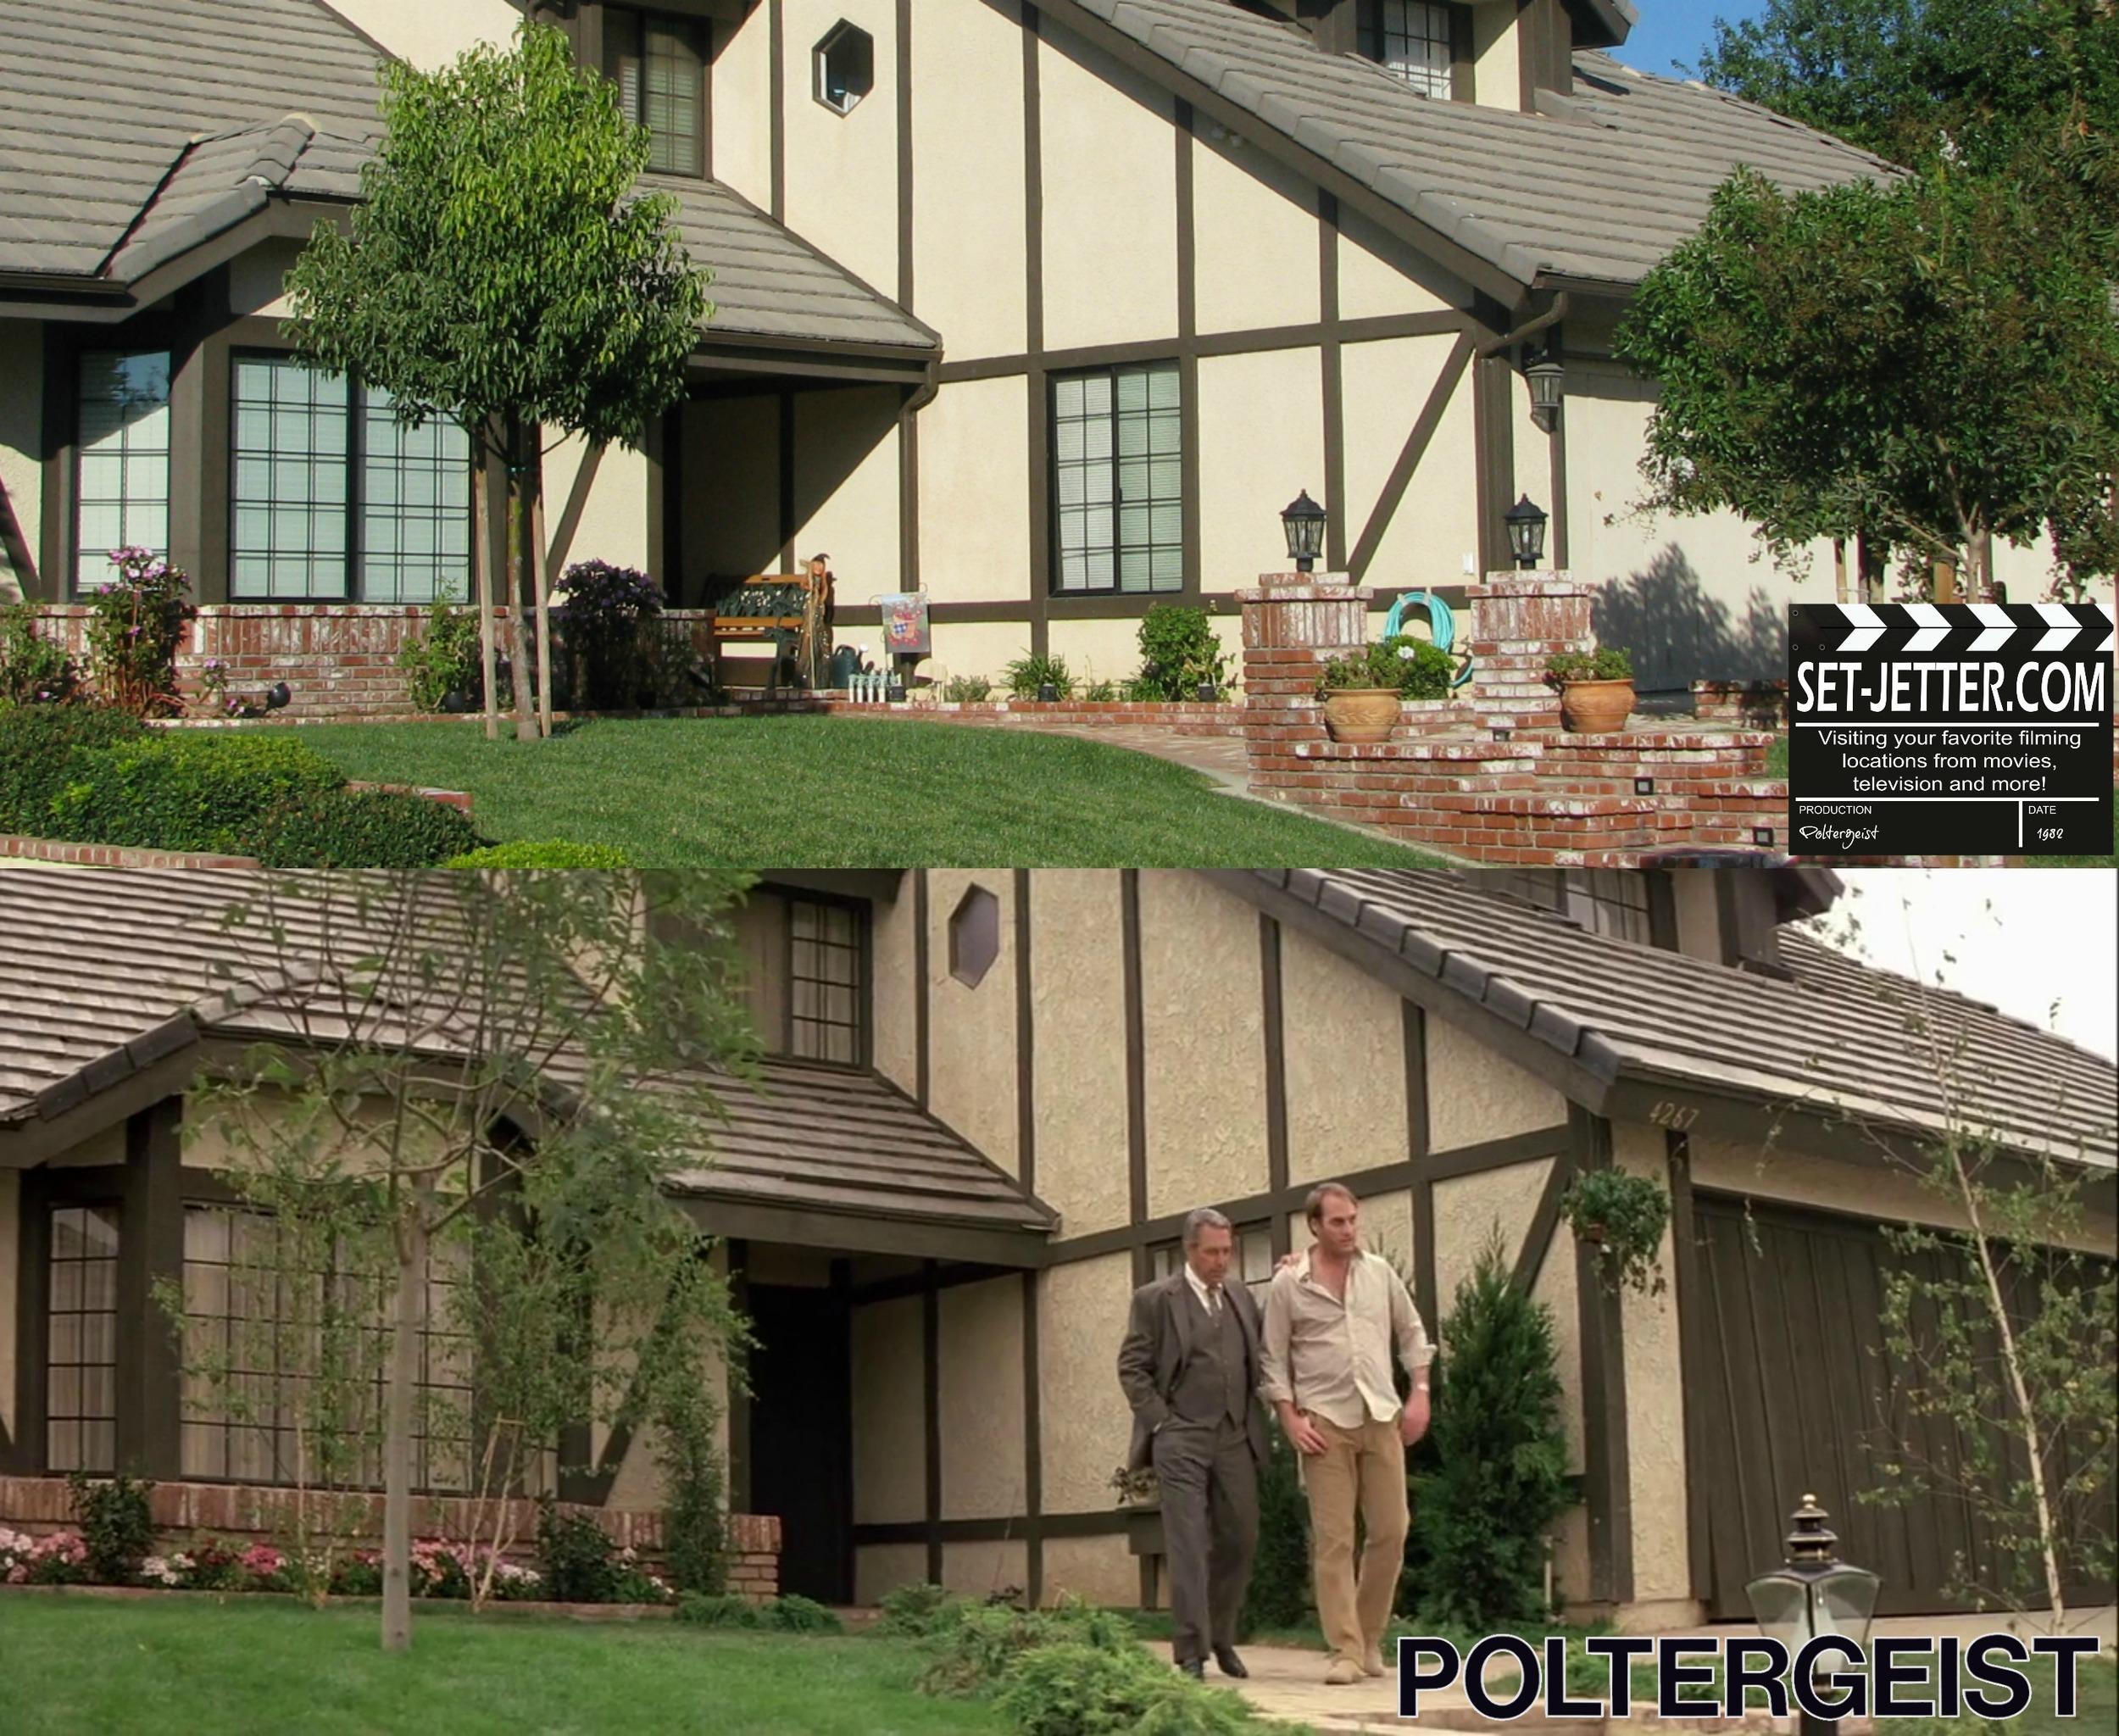 Poltergeist comparison 43.jpg